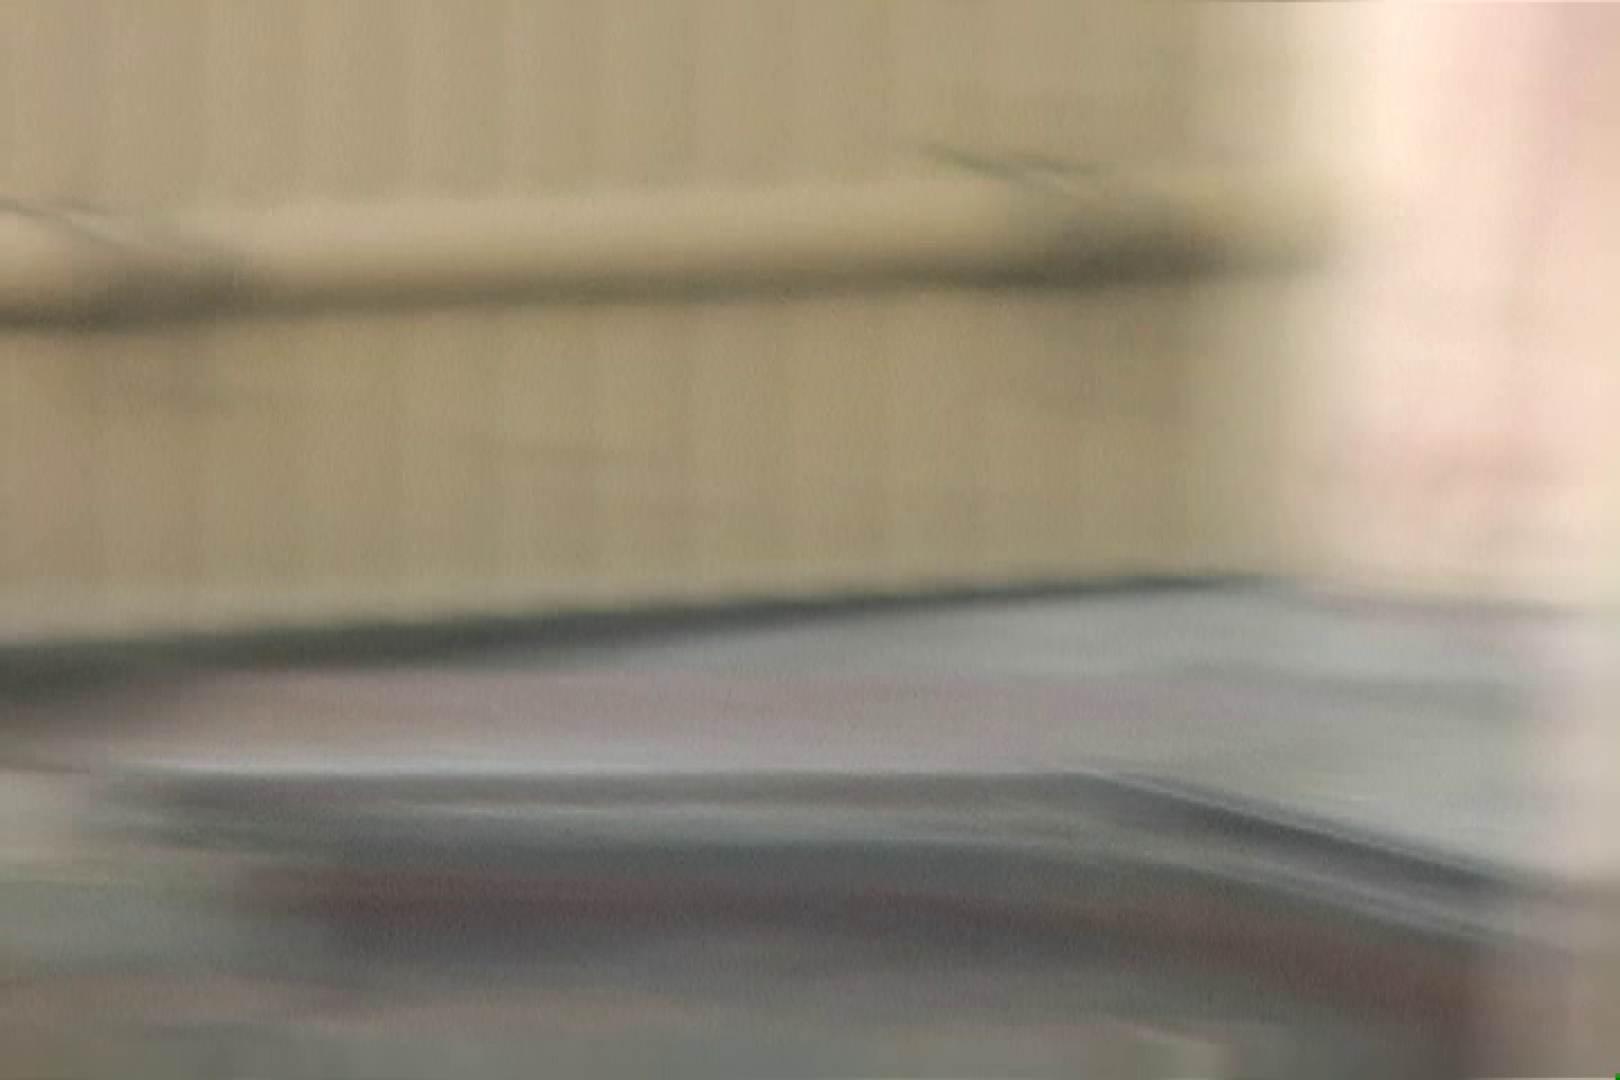 高画質露天女風呂観察 vol.009 入浴 盗撮セックス無修正動画無料 77PICs 53